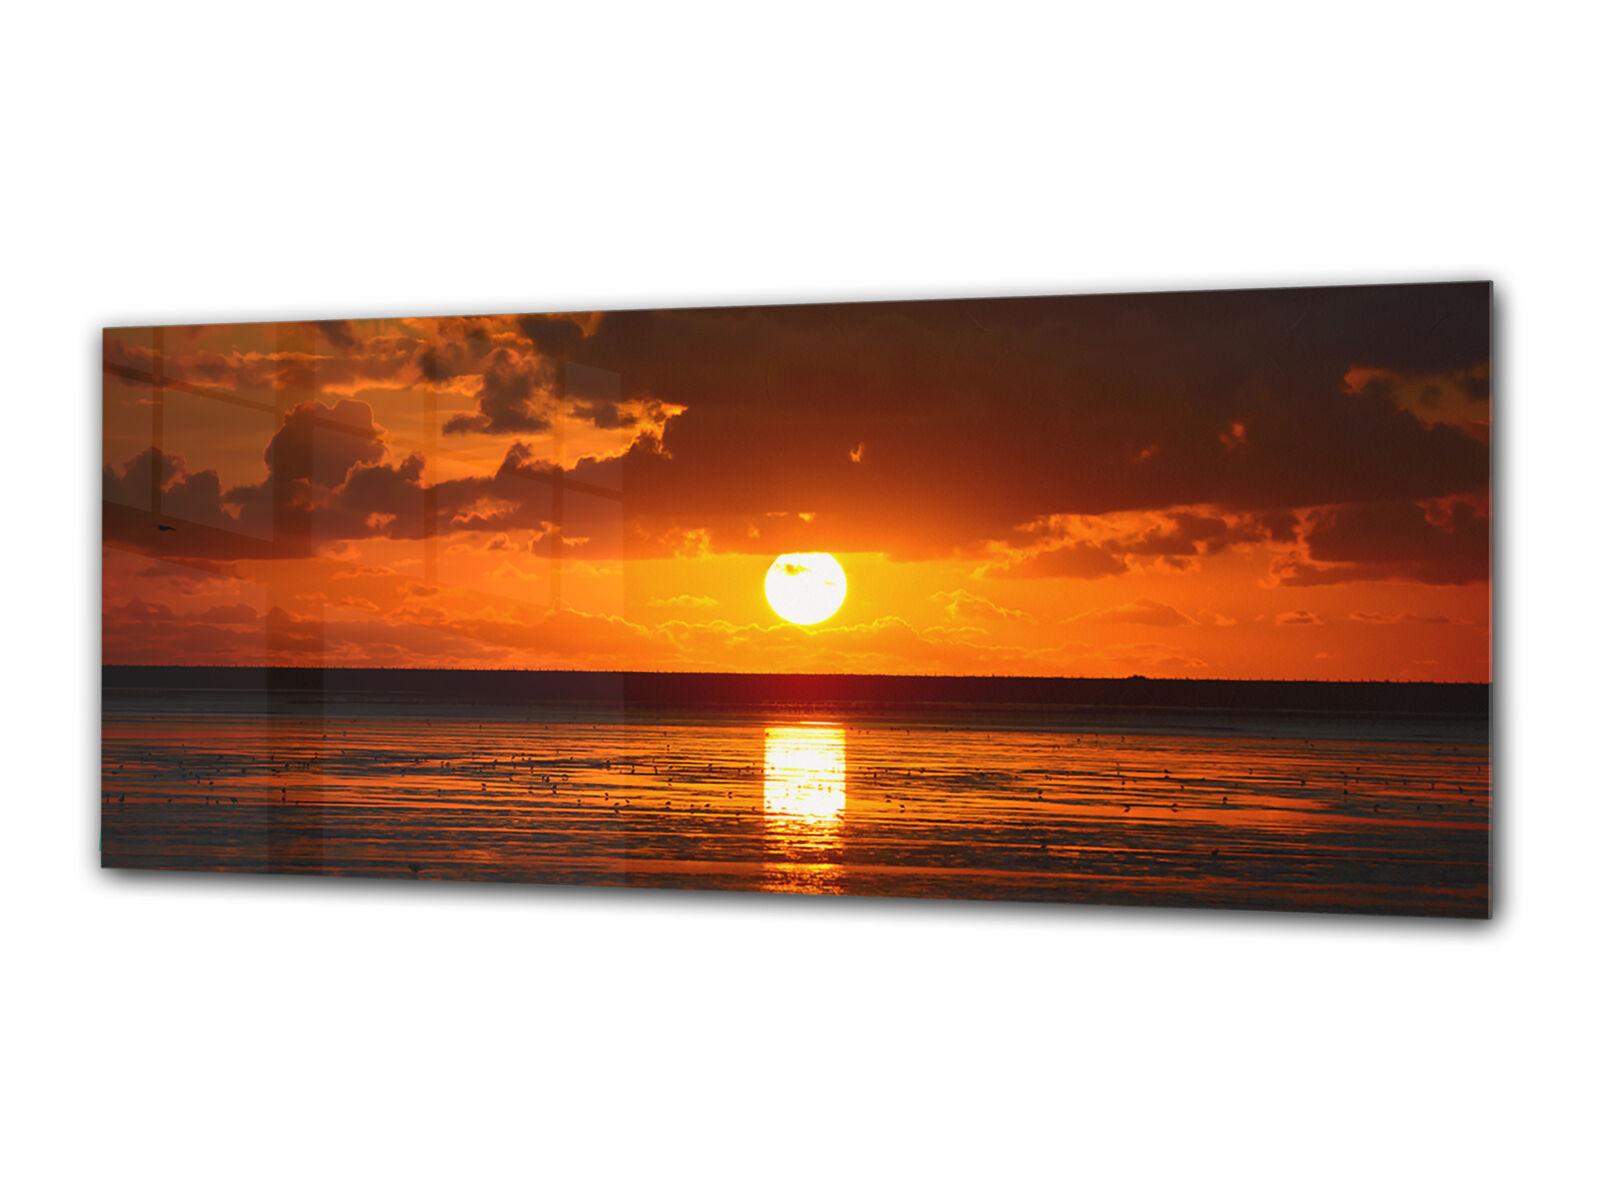 Glas Drucken Wand Kunst 80x30 cm Image on Glas Decorative Wand Bild 98893860